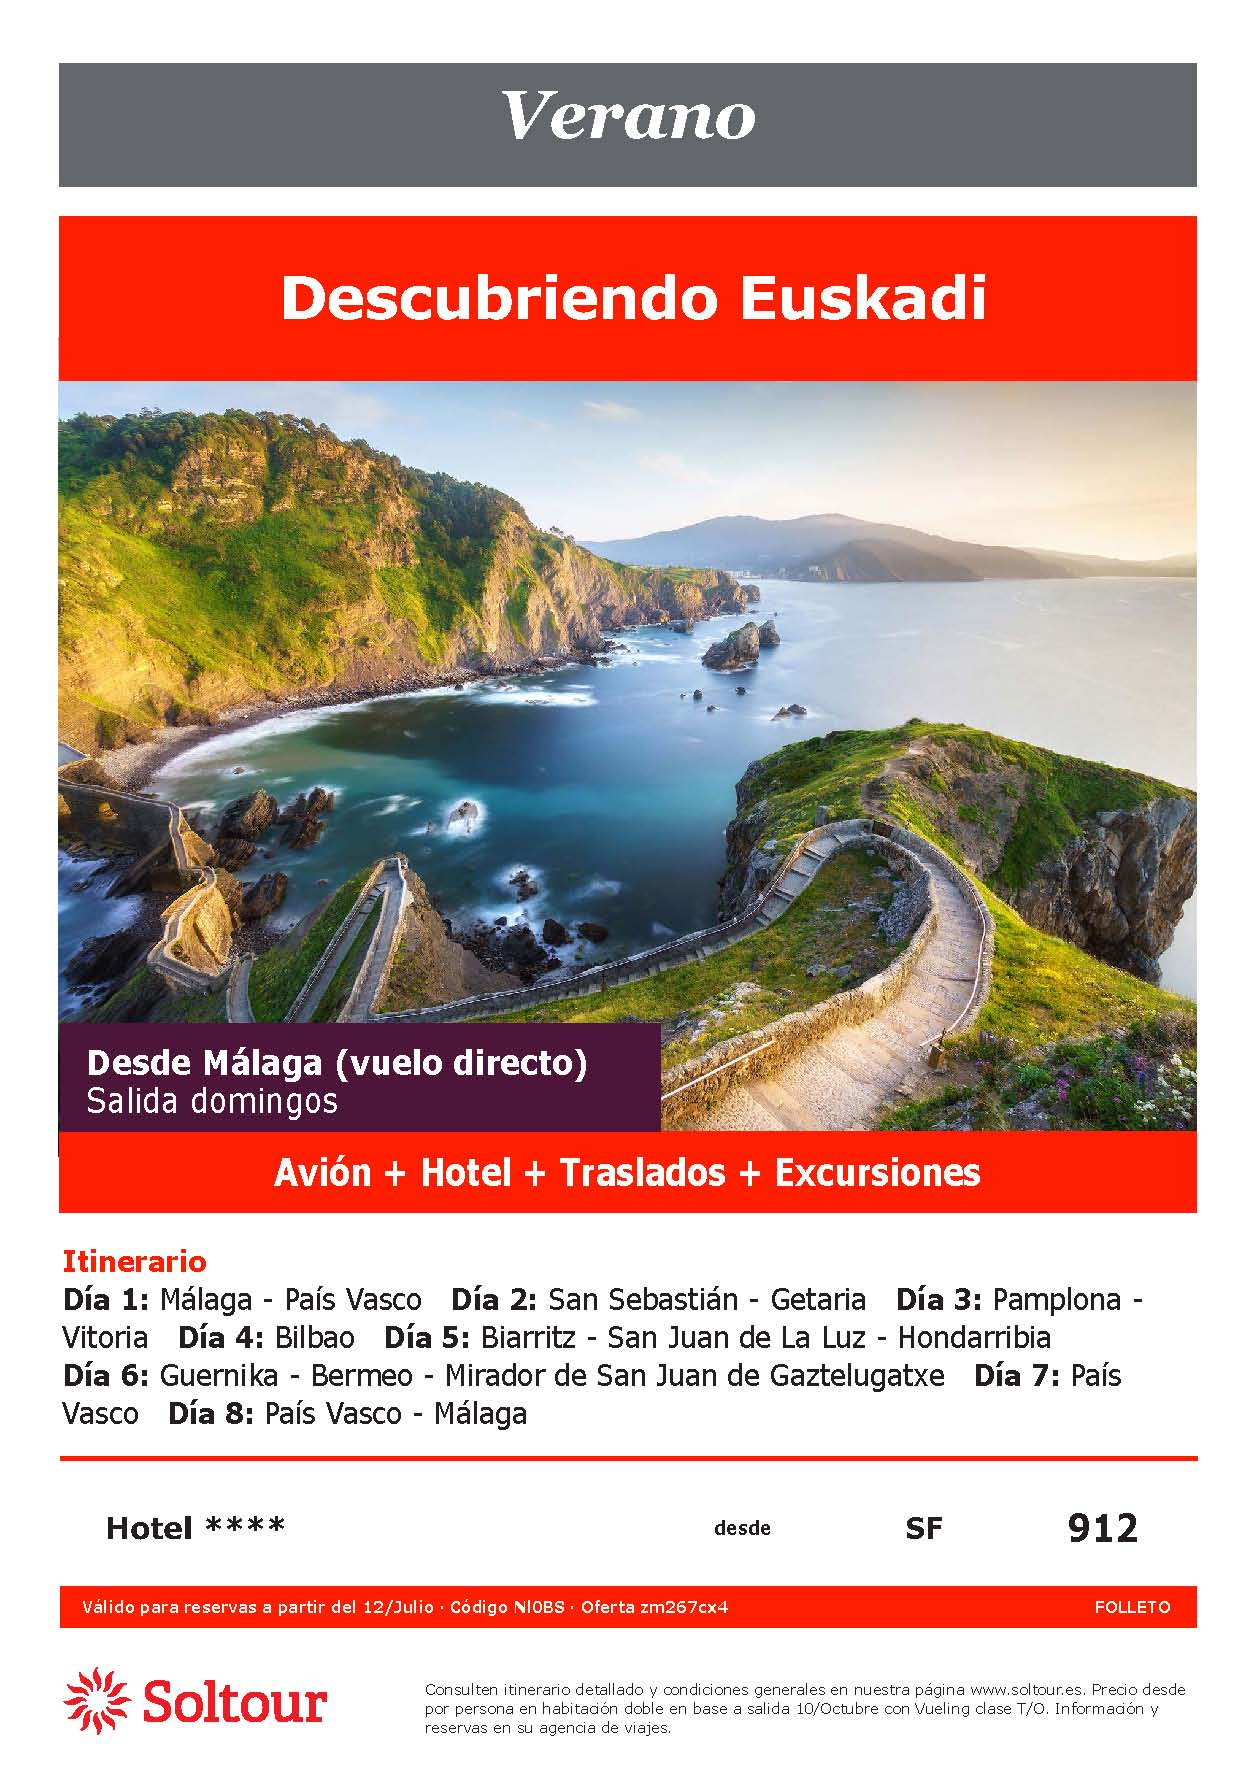 Oferta Soltour Ultima Hora Circuito por Pais Vasco en avion desde Malaga Verano 2021